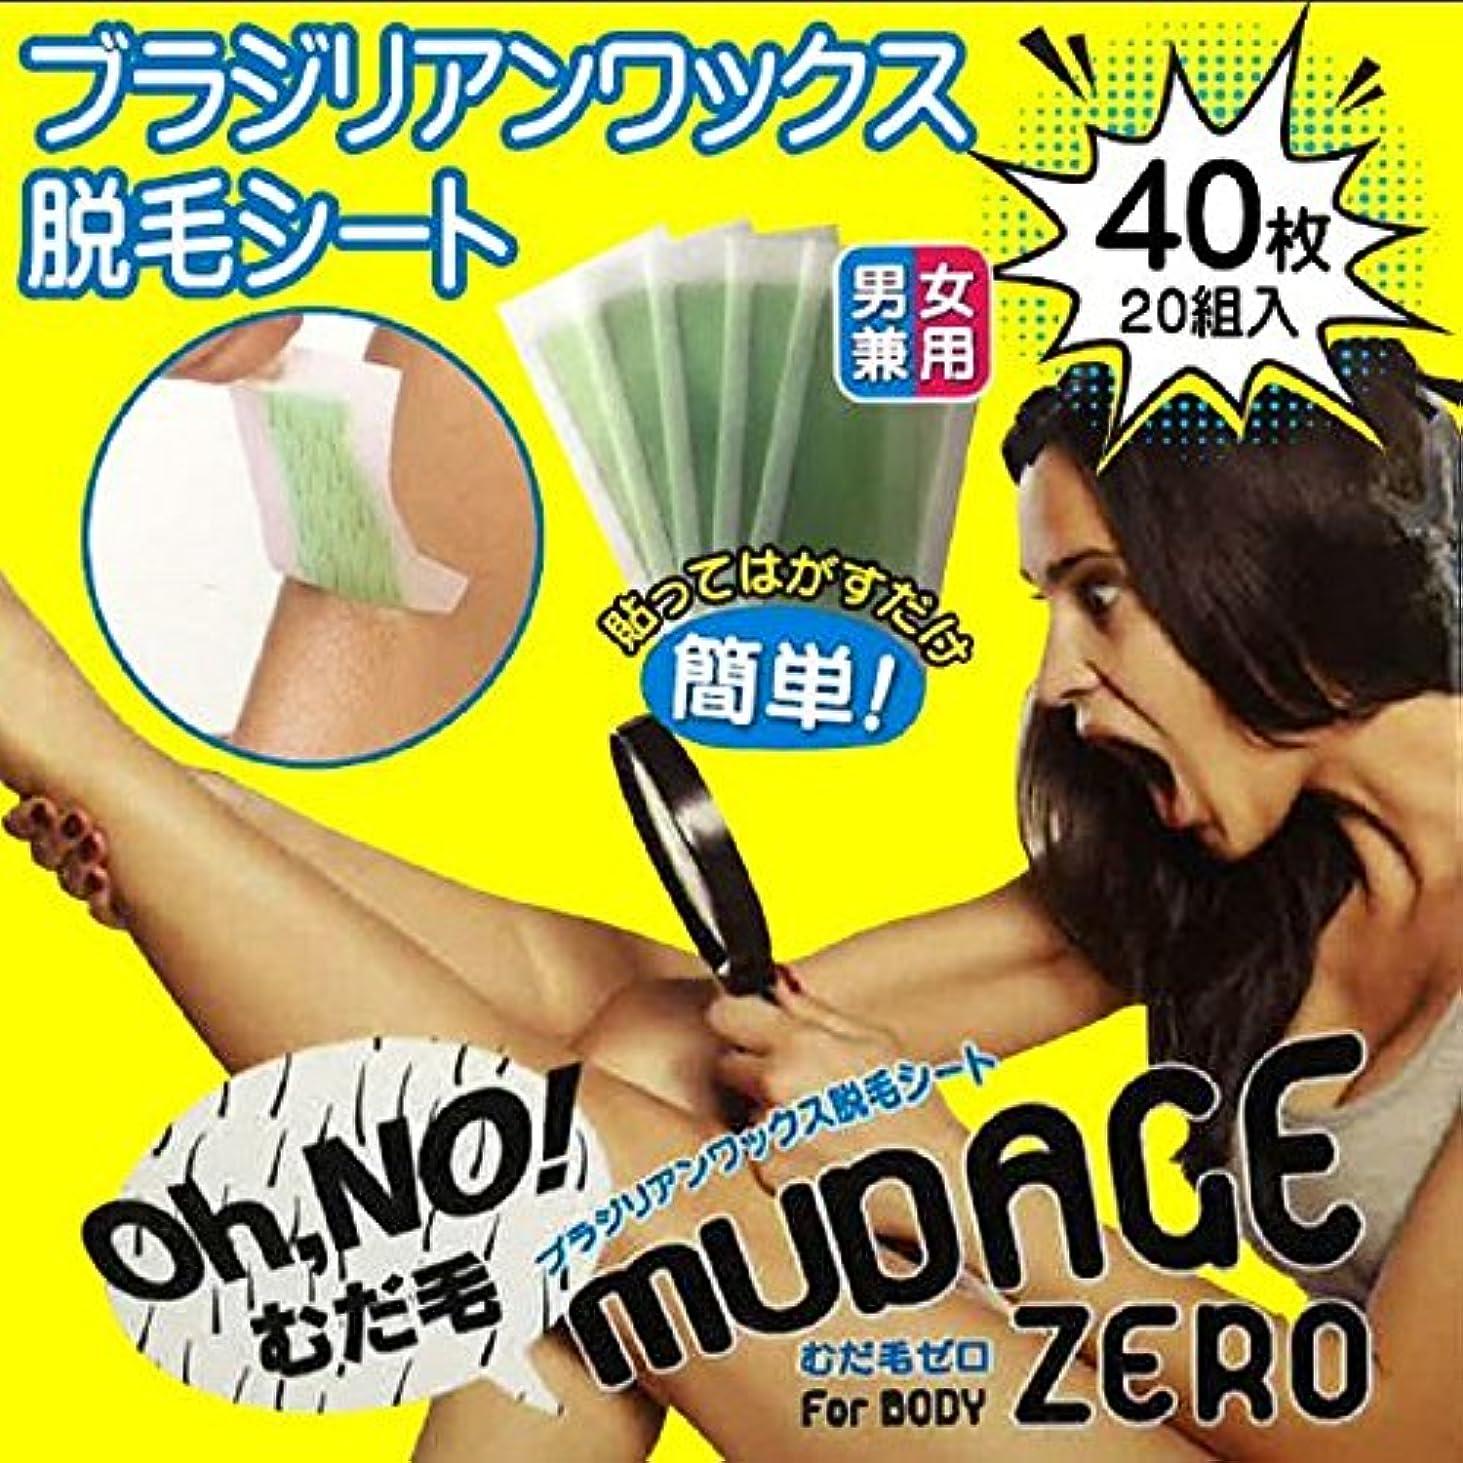 知らせるセント拍車貼って剥がすだけ ブラジリアンワックス 脱毛シート MUDAGE ZERO for Body (40枚入り)